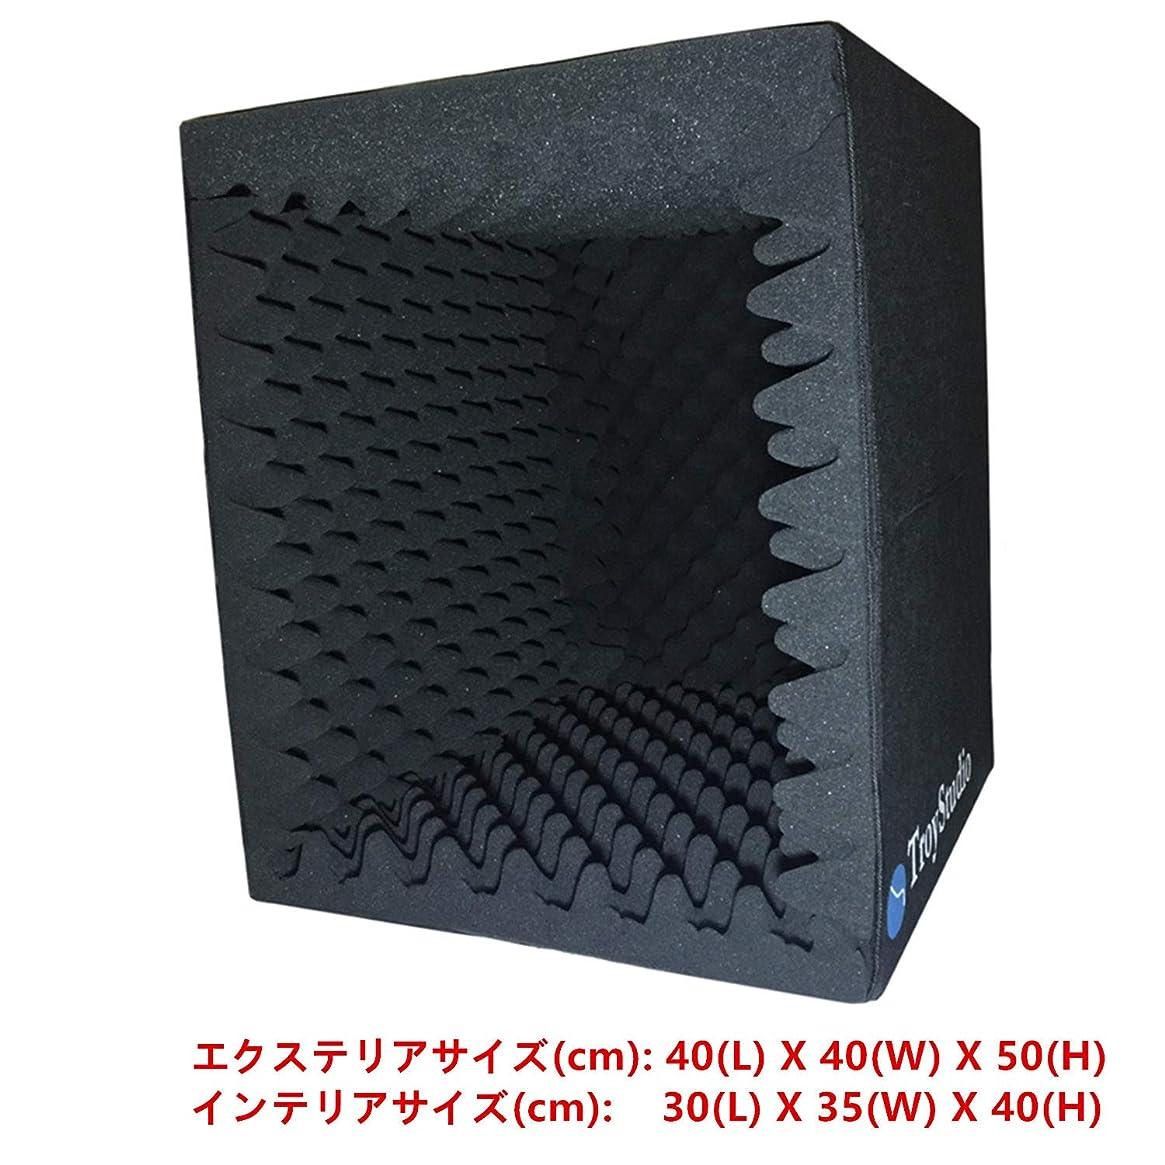 ラベパトロール強風TroyStudio ポータブルレコーディングボーカルブースサウンドボックス - |リフレクションフィルター & マイクアイソレーションシールド| - |大型、折りたたみ式、スタンドマウント可能、高密度の吸音フォーム|(黒, 大きいサイズ)